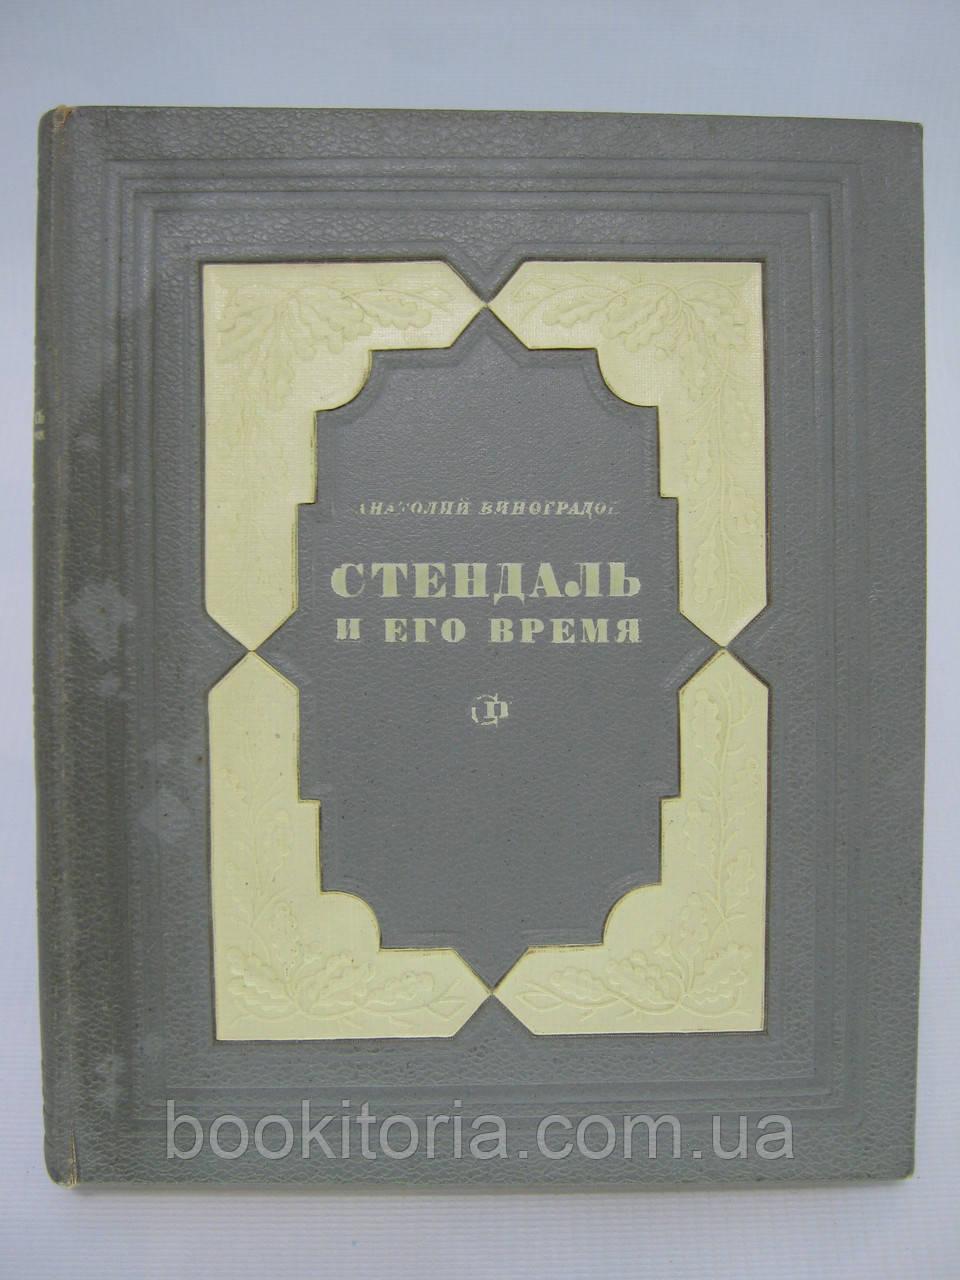 Виноградов А. Стендаль и его время (б/у).